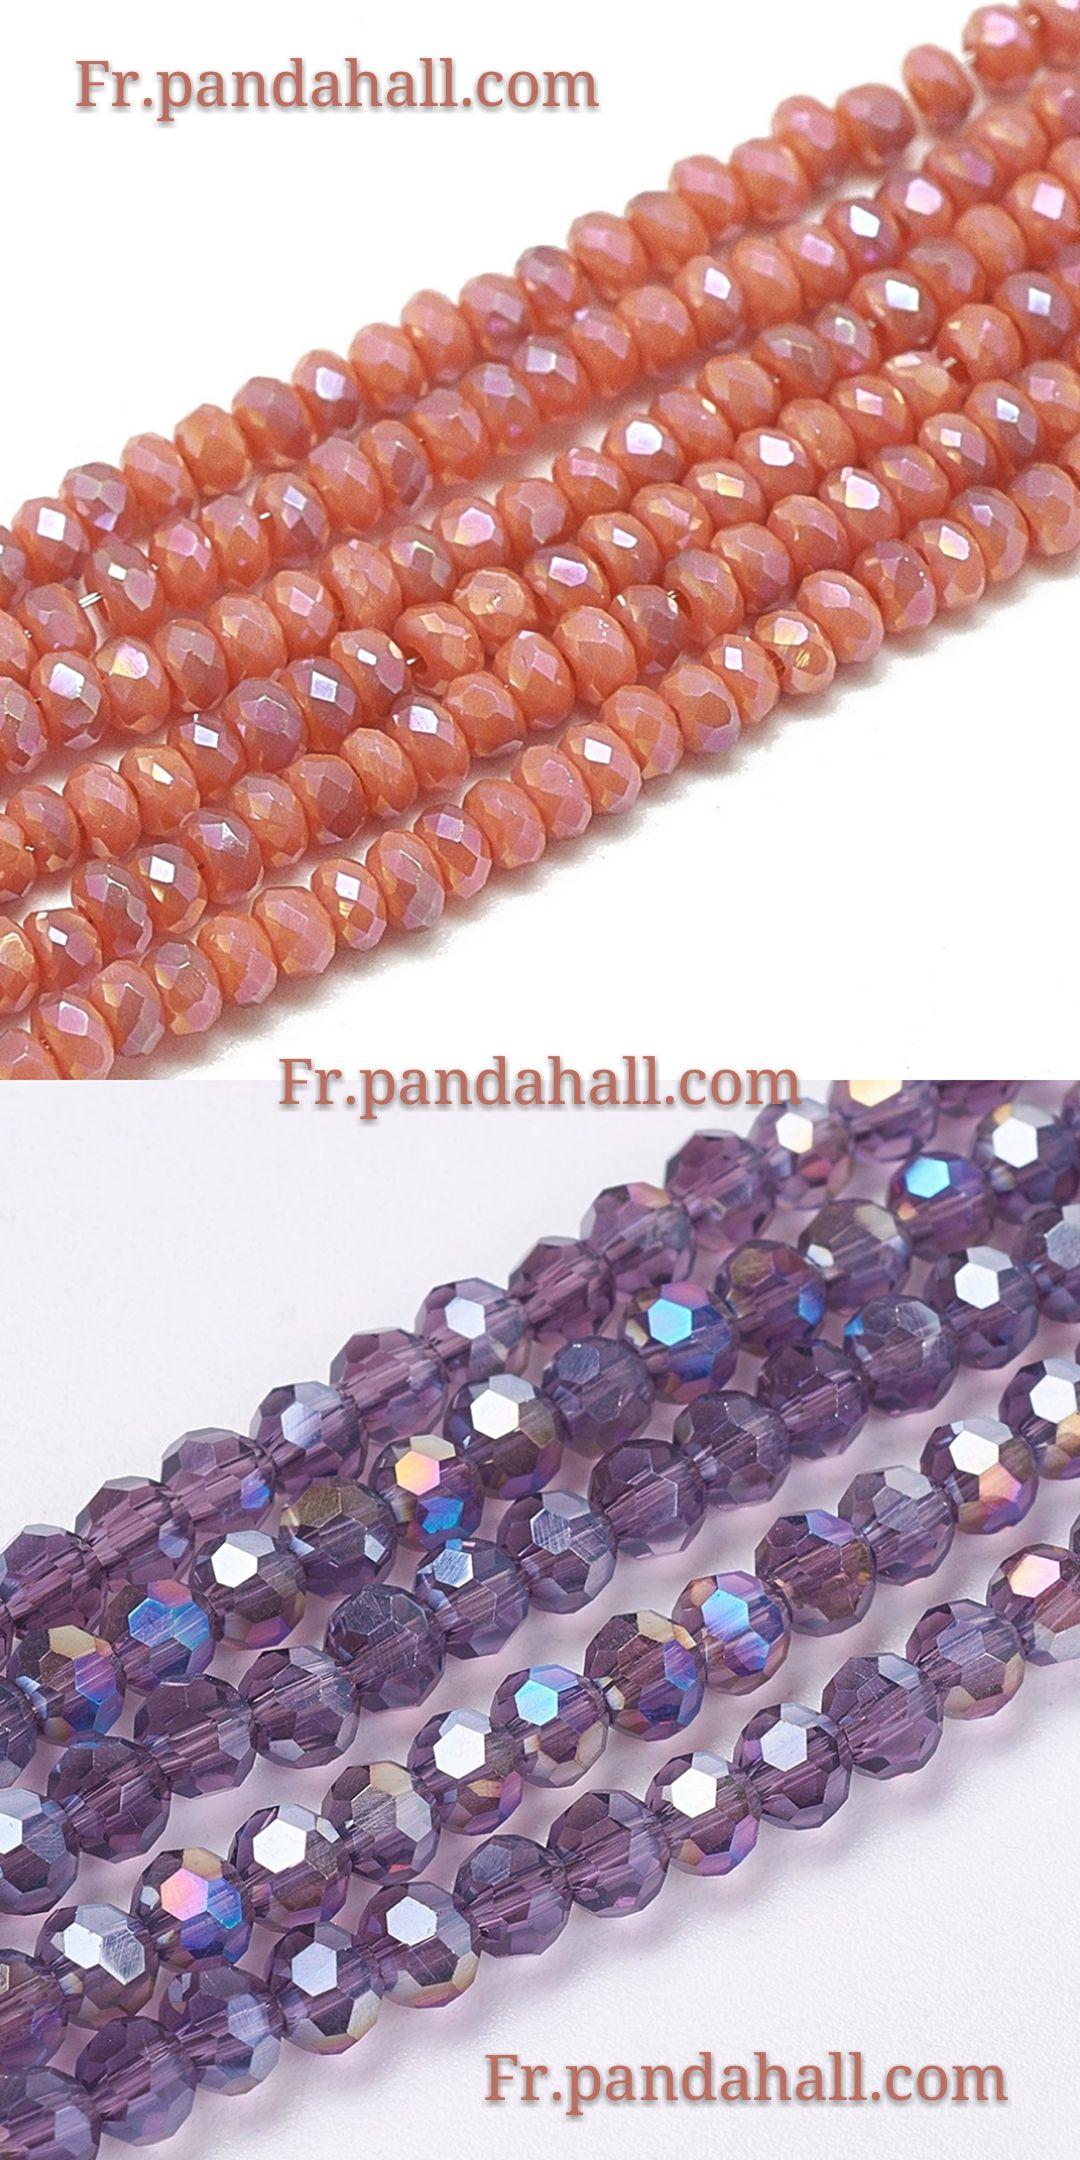 #Accessoires #bijoux - #perles en #verre électroplate multicolores. Cliquez le lien piur savoir plus. Inscrivez-vous pour obtenir #coupon de $5! #PandaHall #frPandaHall #bricolagebijoux #simple #faitmain #élégance #accessoire #perles #glass #beads #jewelry #DIY #mode